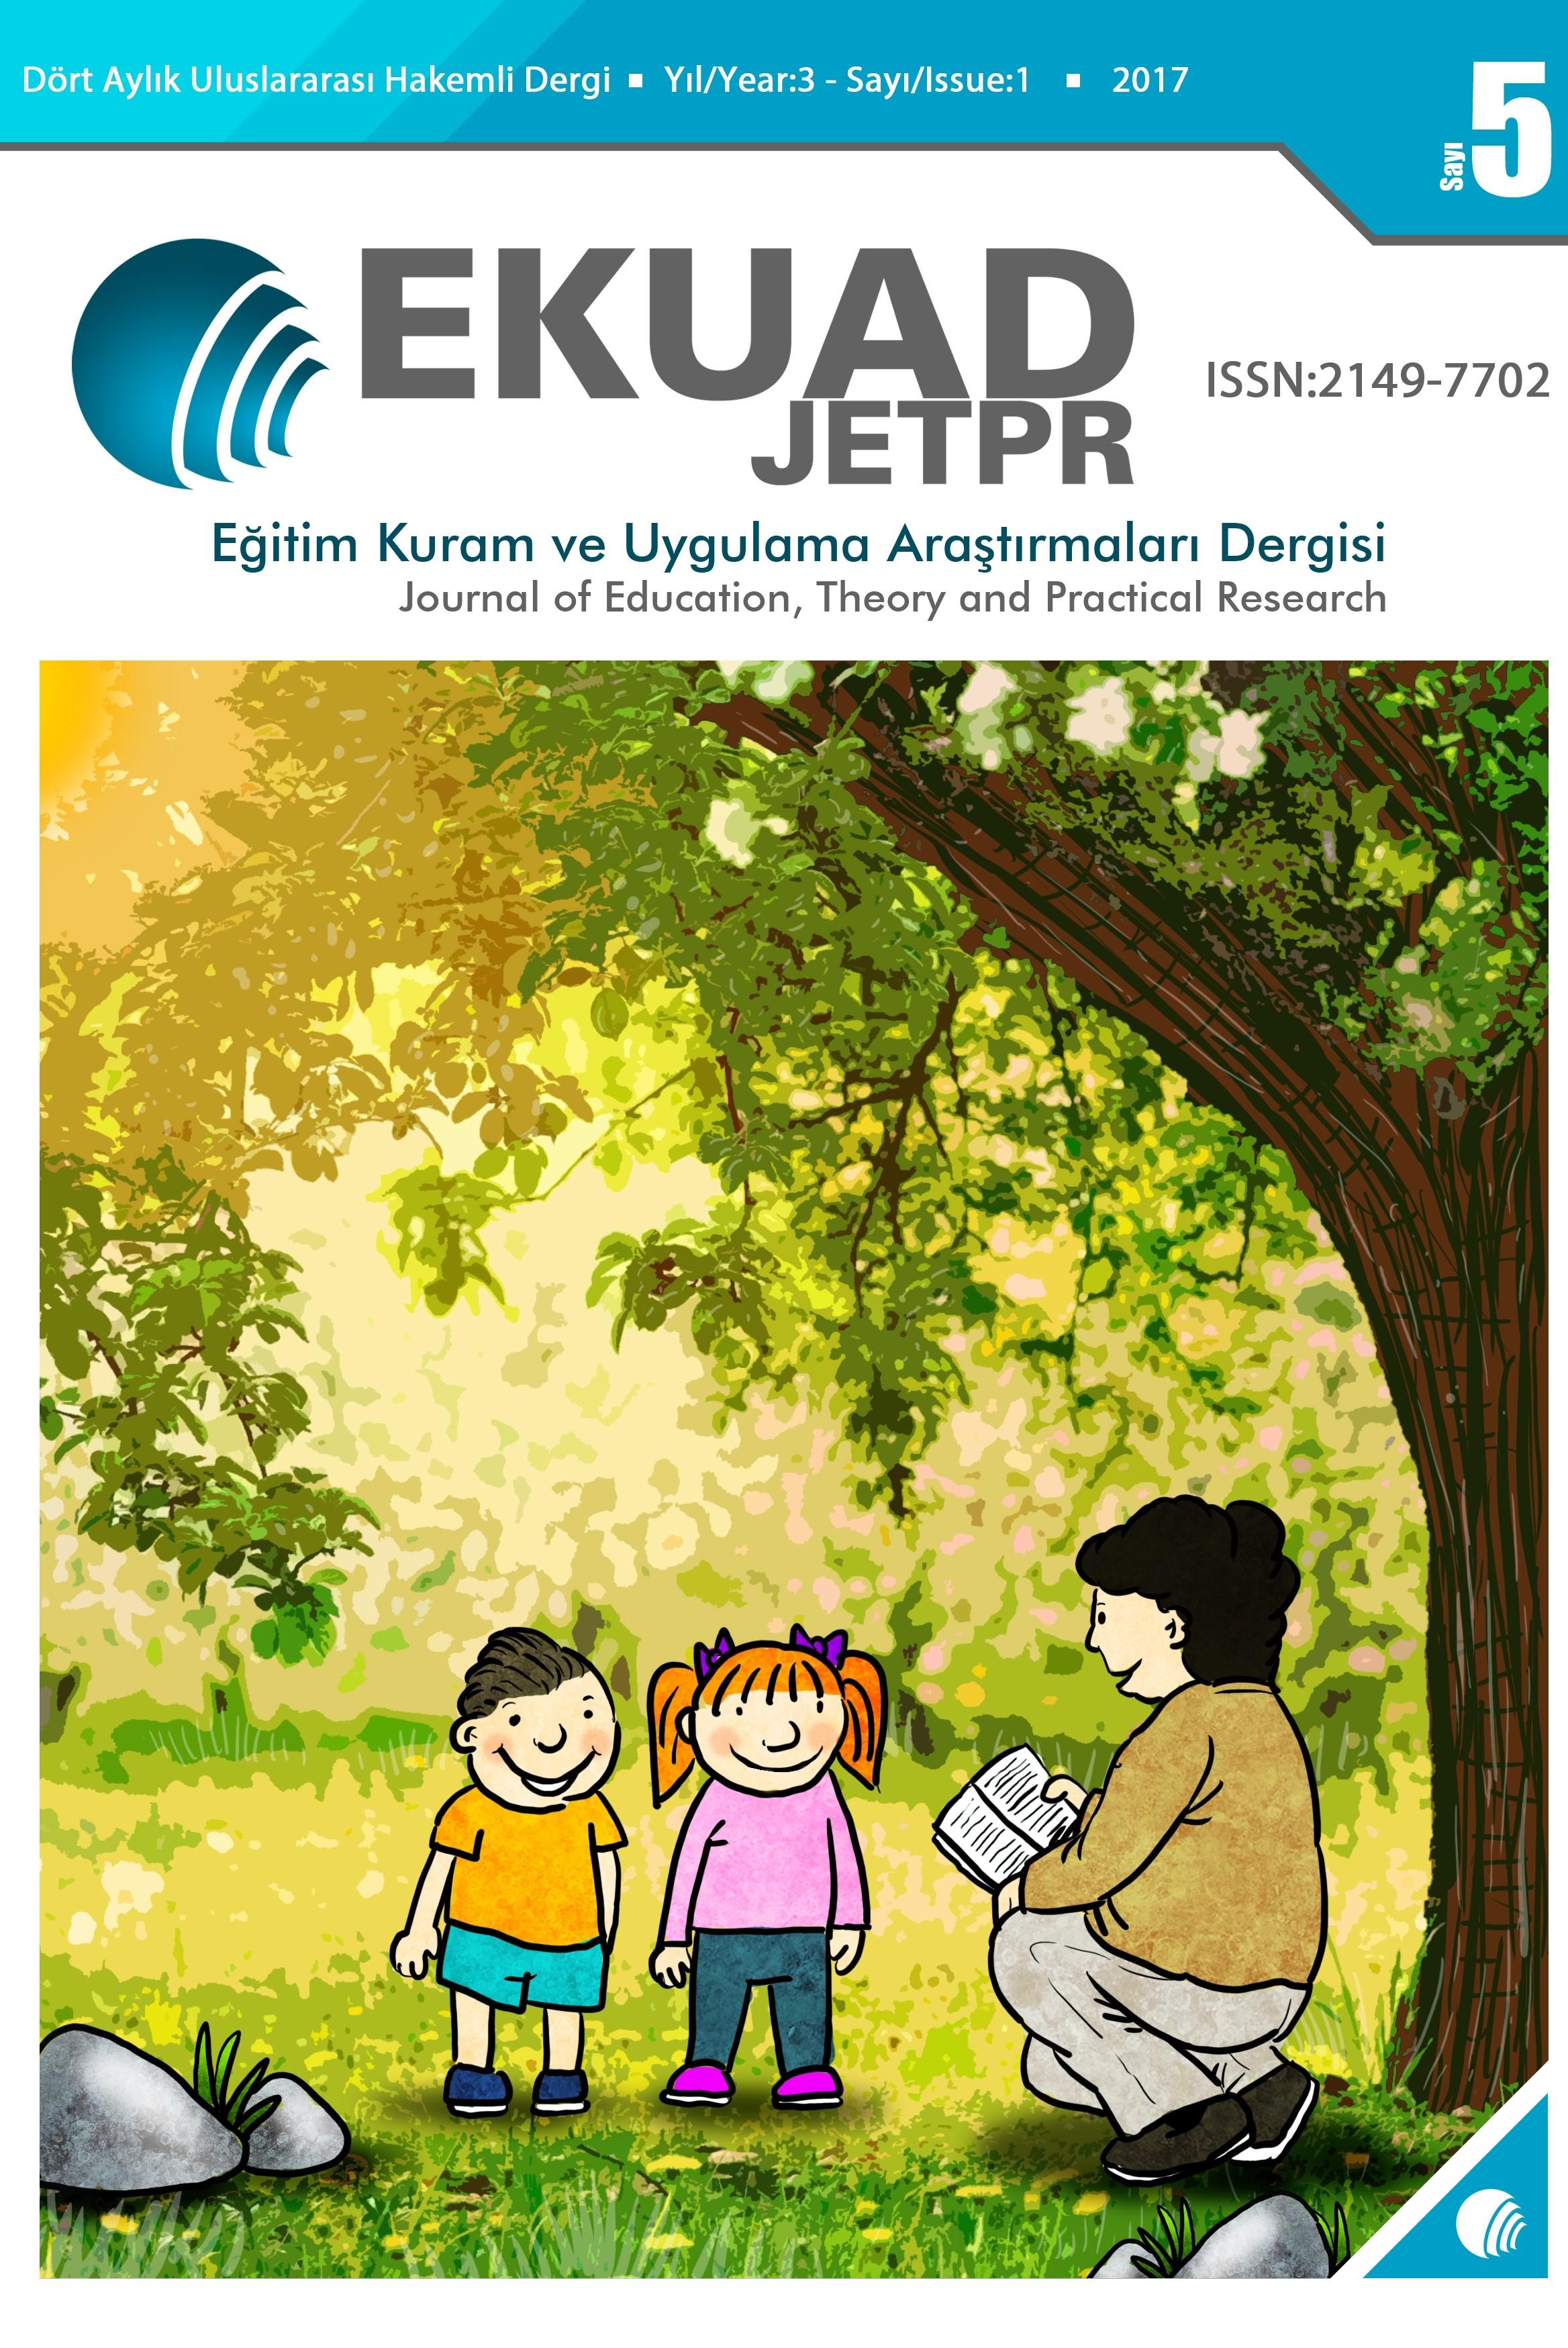 Eğitim Kuram ve Uygulama Araştırmaları Dergisi